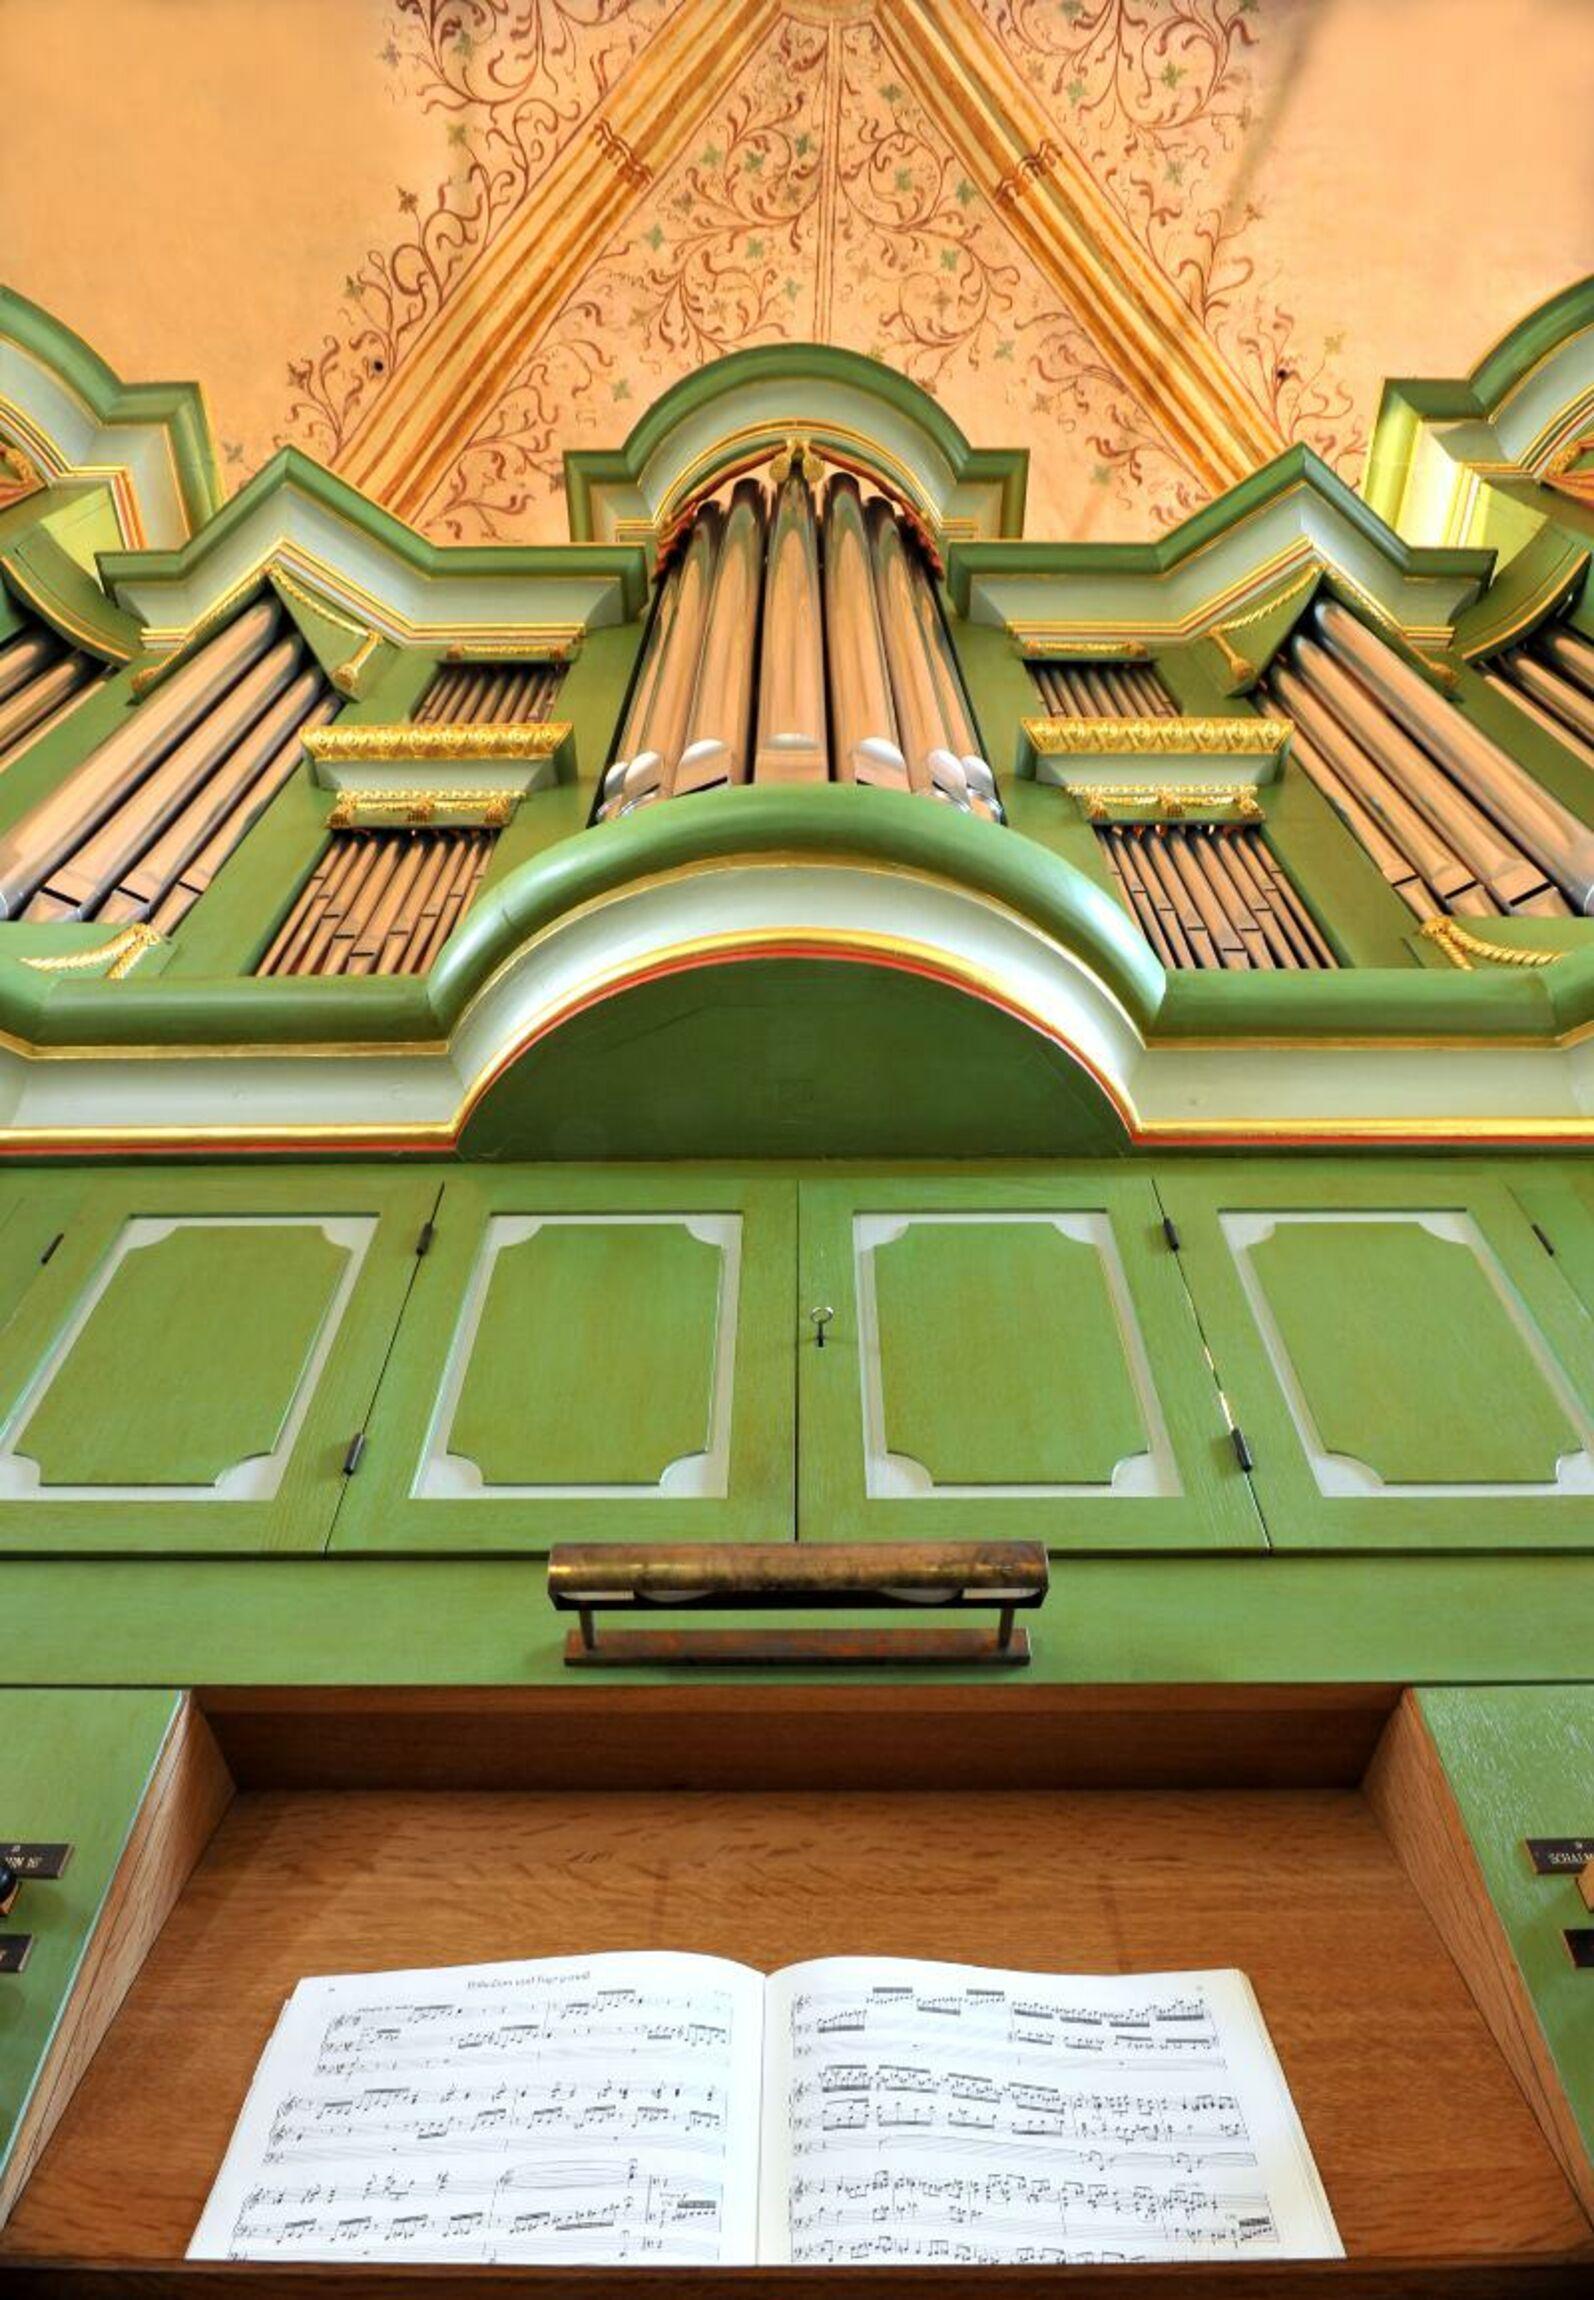 Orgel-Kroeger-Prospekt-Mitte von unten-i